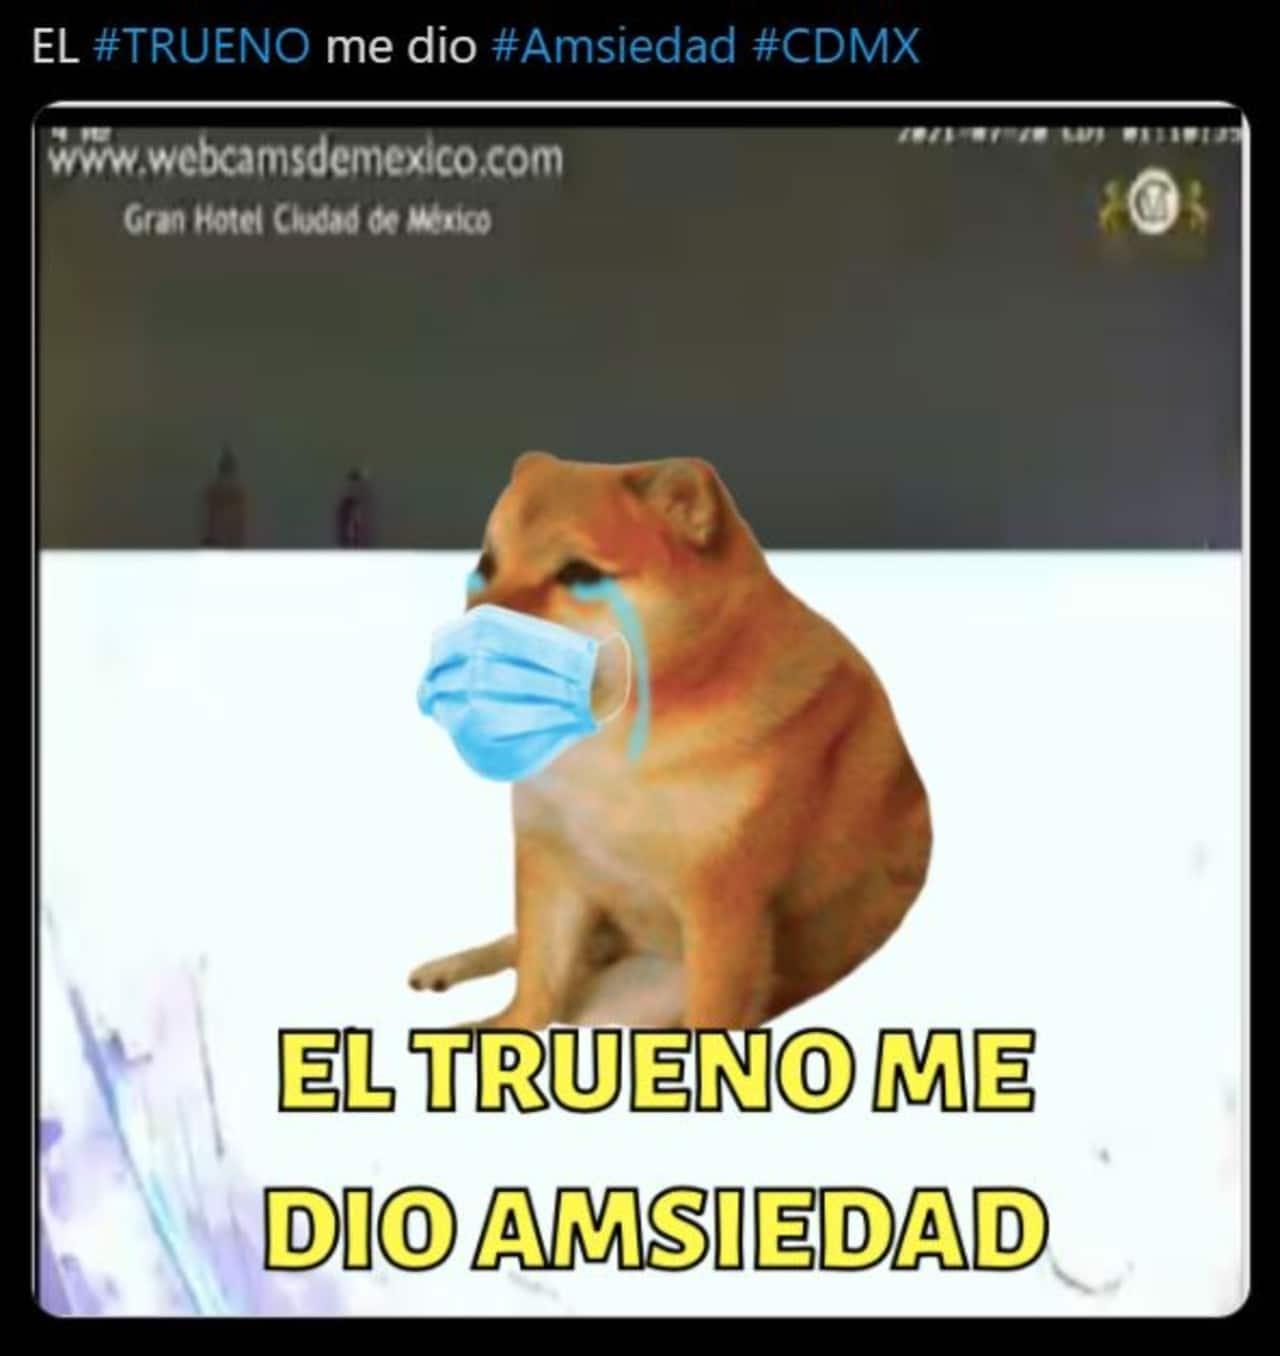 Los Memes del trueno en la CDMX